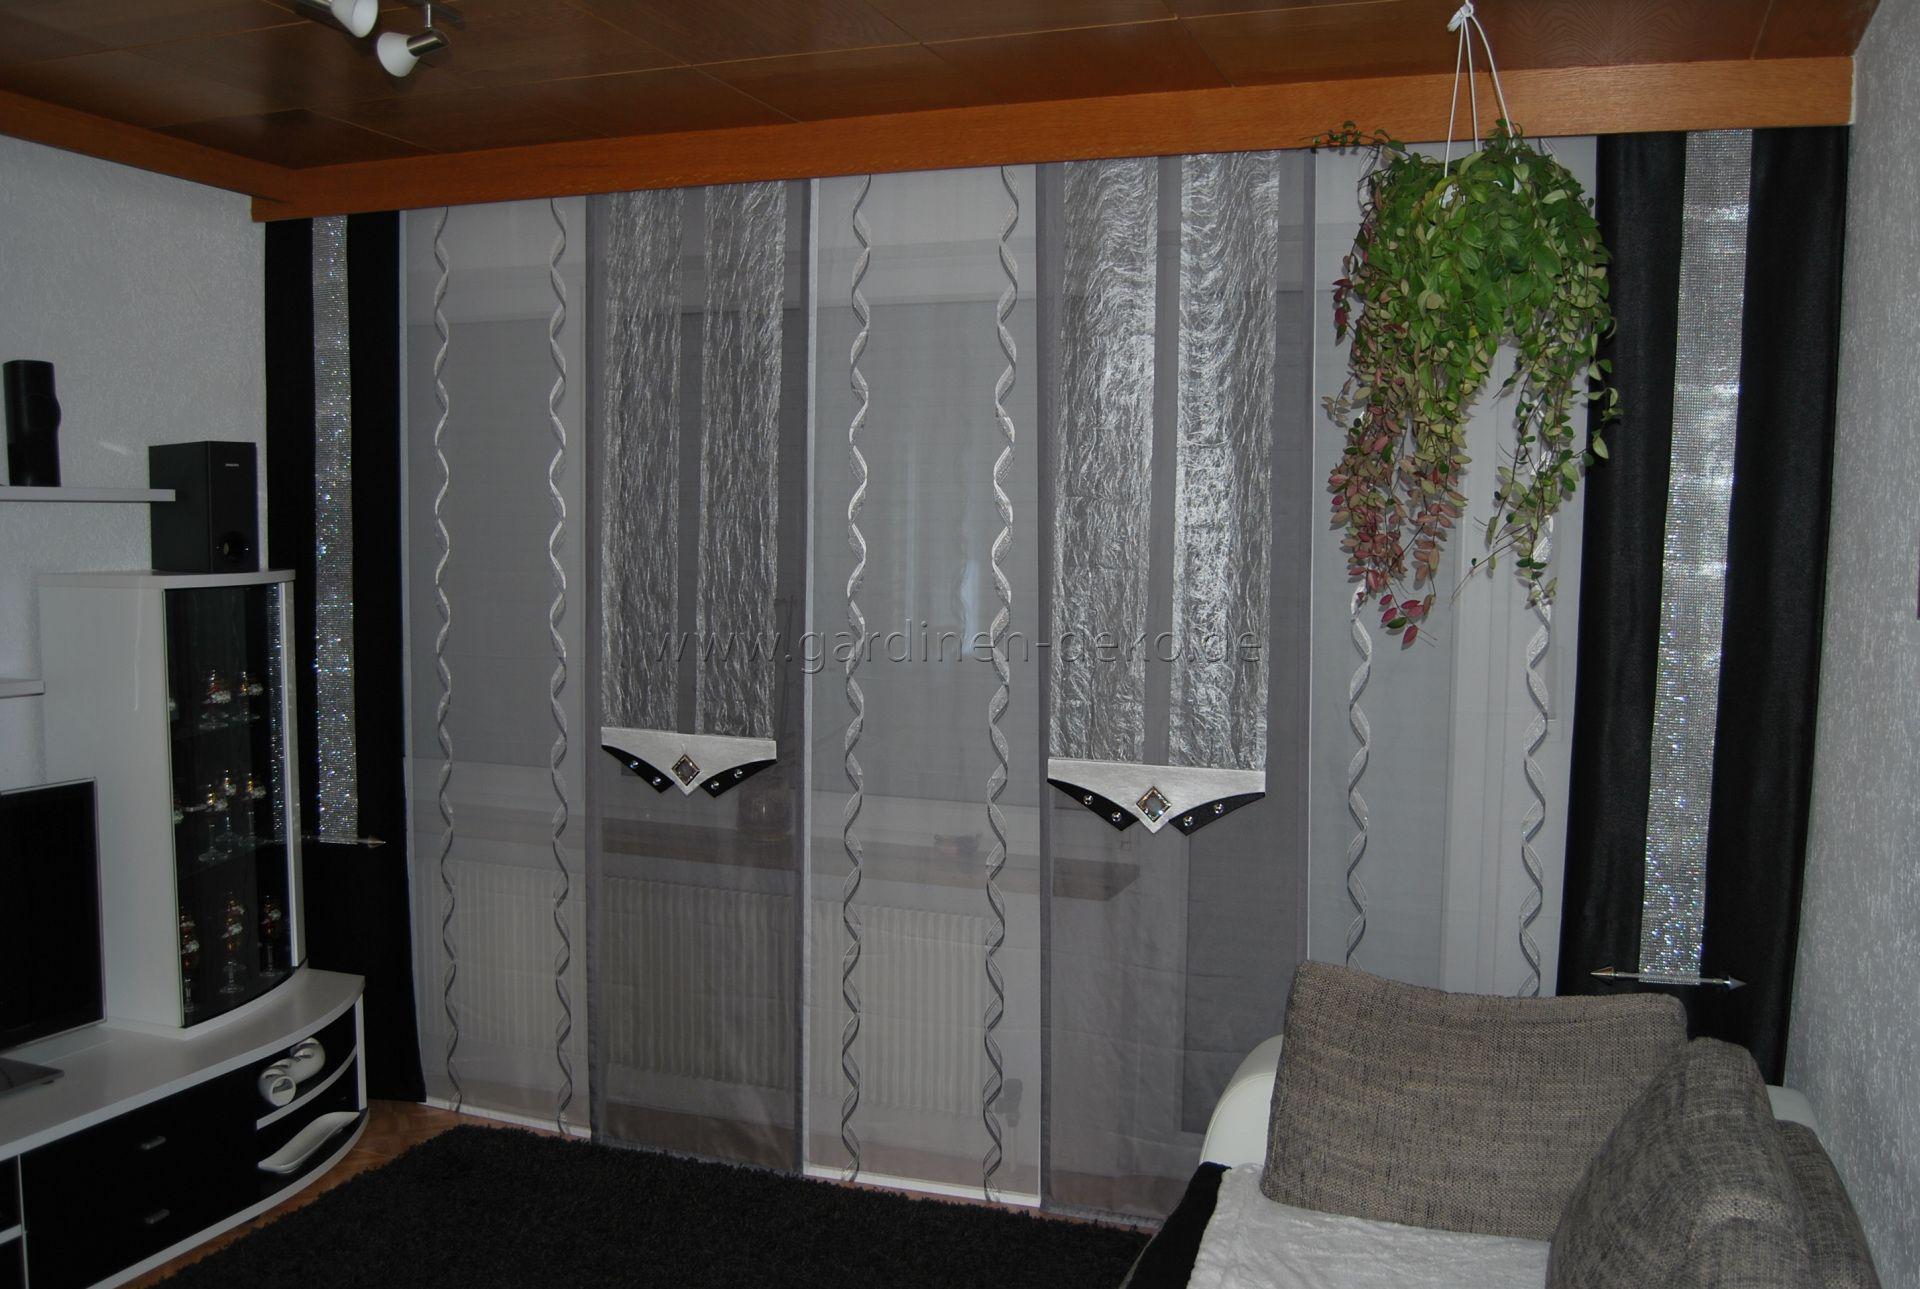 wohnzimmer schiebevorhang in weiß, silber und grau mit dunklen, Wohnzimmer dekoo